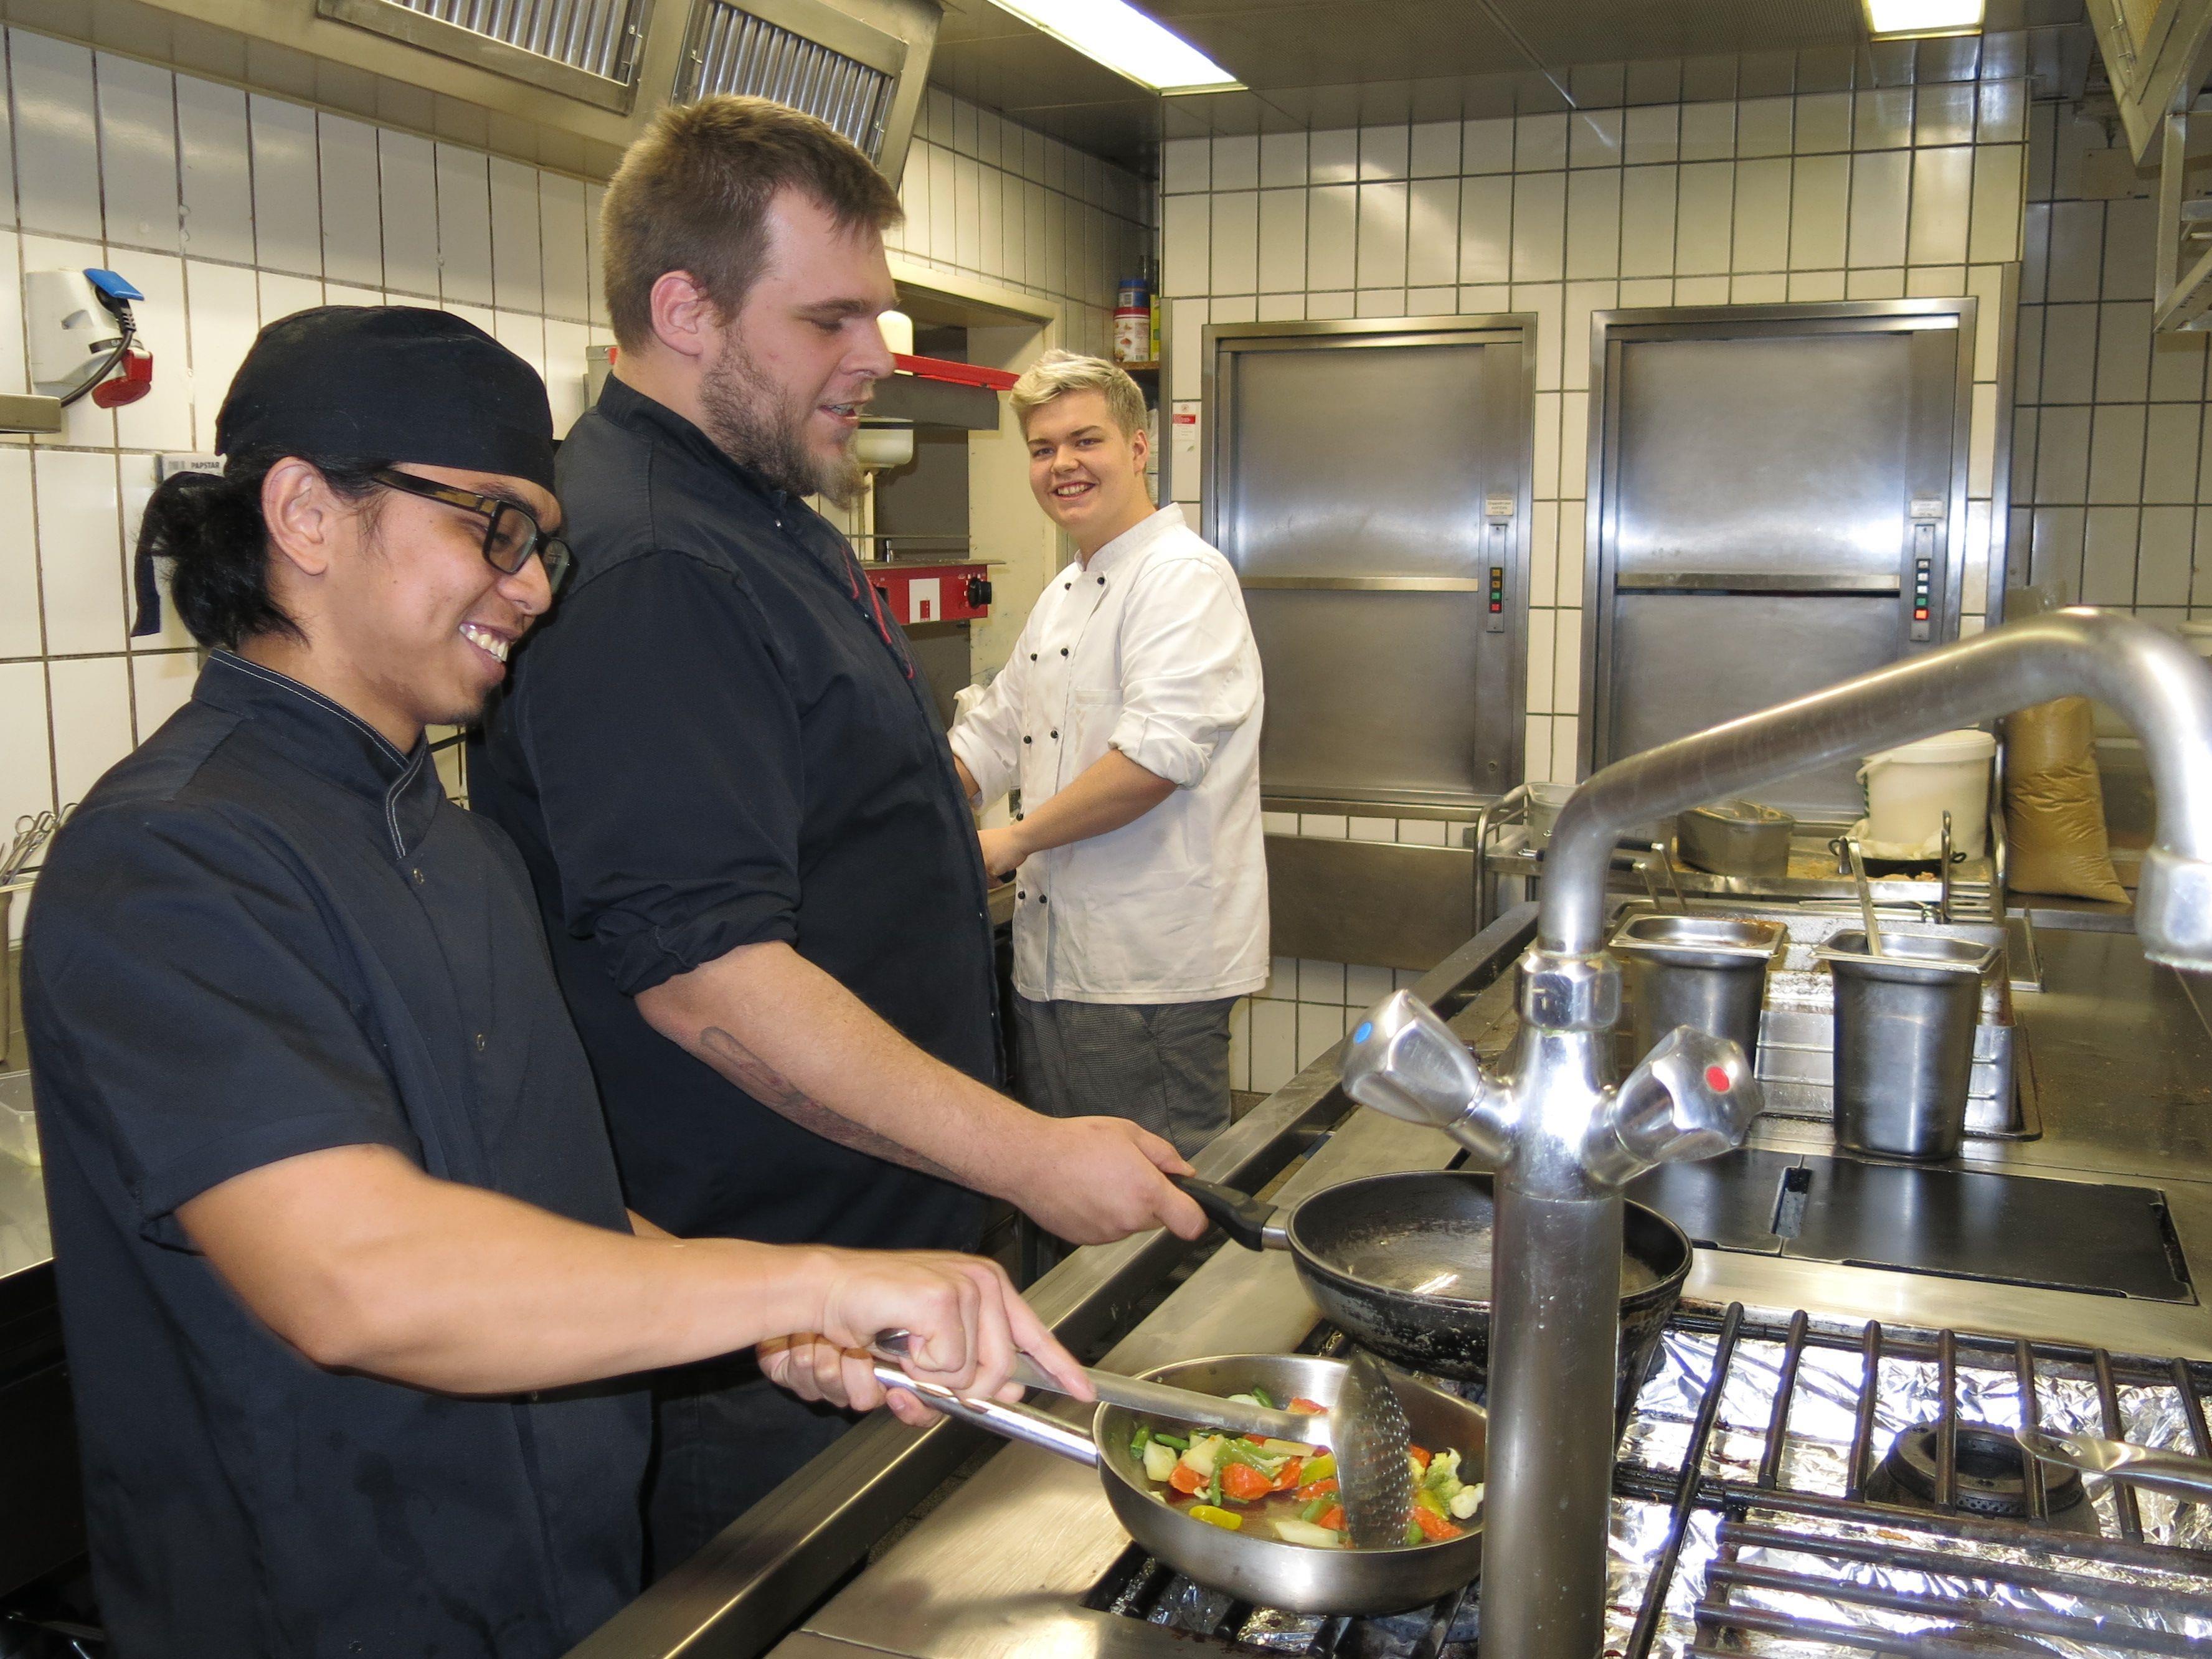 Küchenchef Sascha weiht seine Lehrlinge Jeffrey und Clemens in die Geheimnisse der Kochkunst ein.